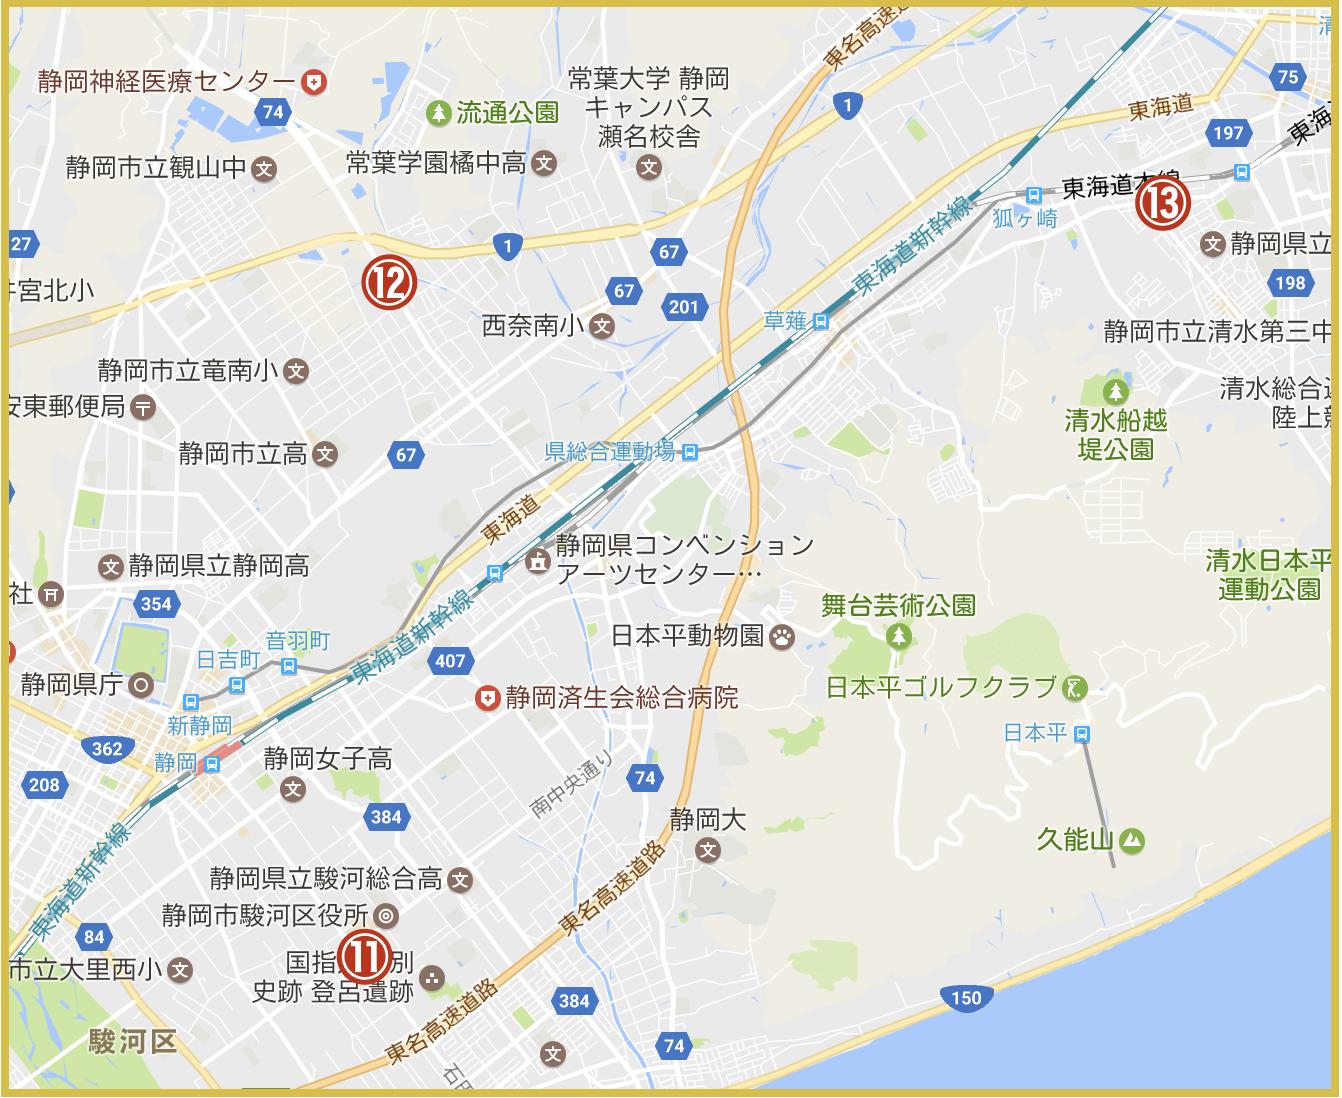 静岡県静岡市にあるアコム店舗・ATMの位置(2020年9月版)